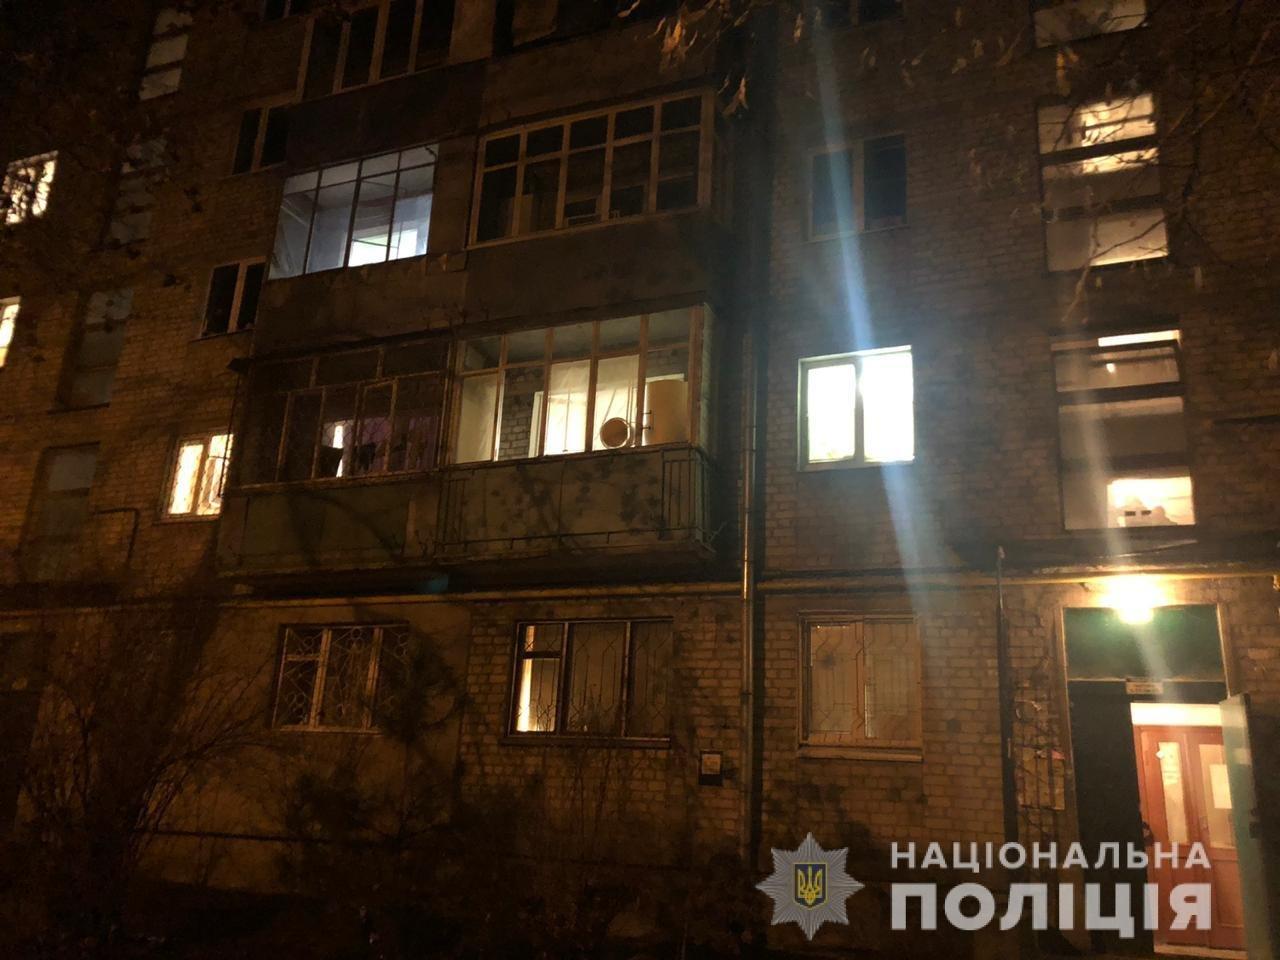 В Харькове из-за отравления угарным газом погиб отец и его двухлетний ребенок: беременная женщина в больнице, фото-1